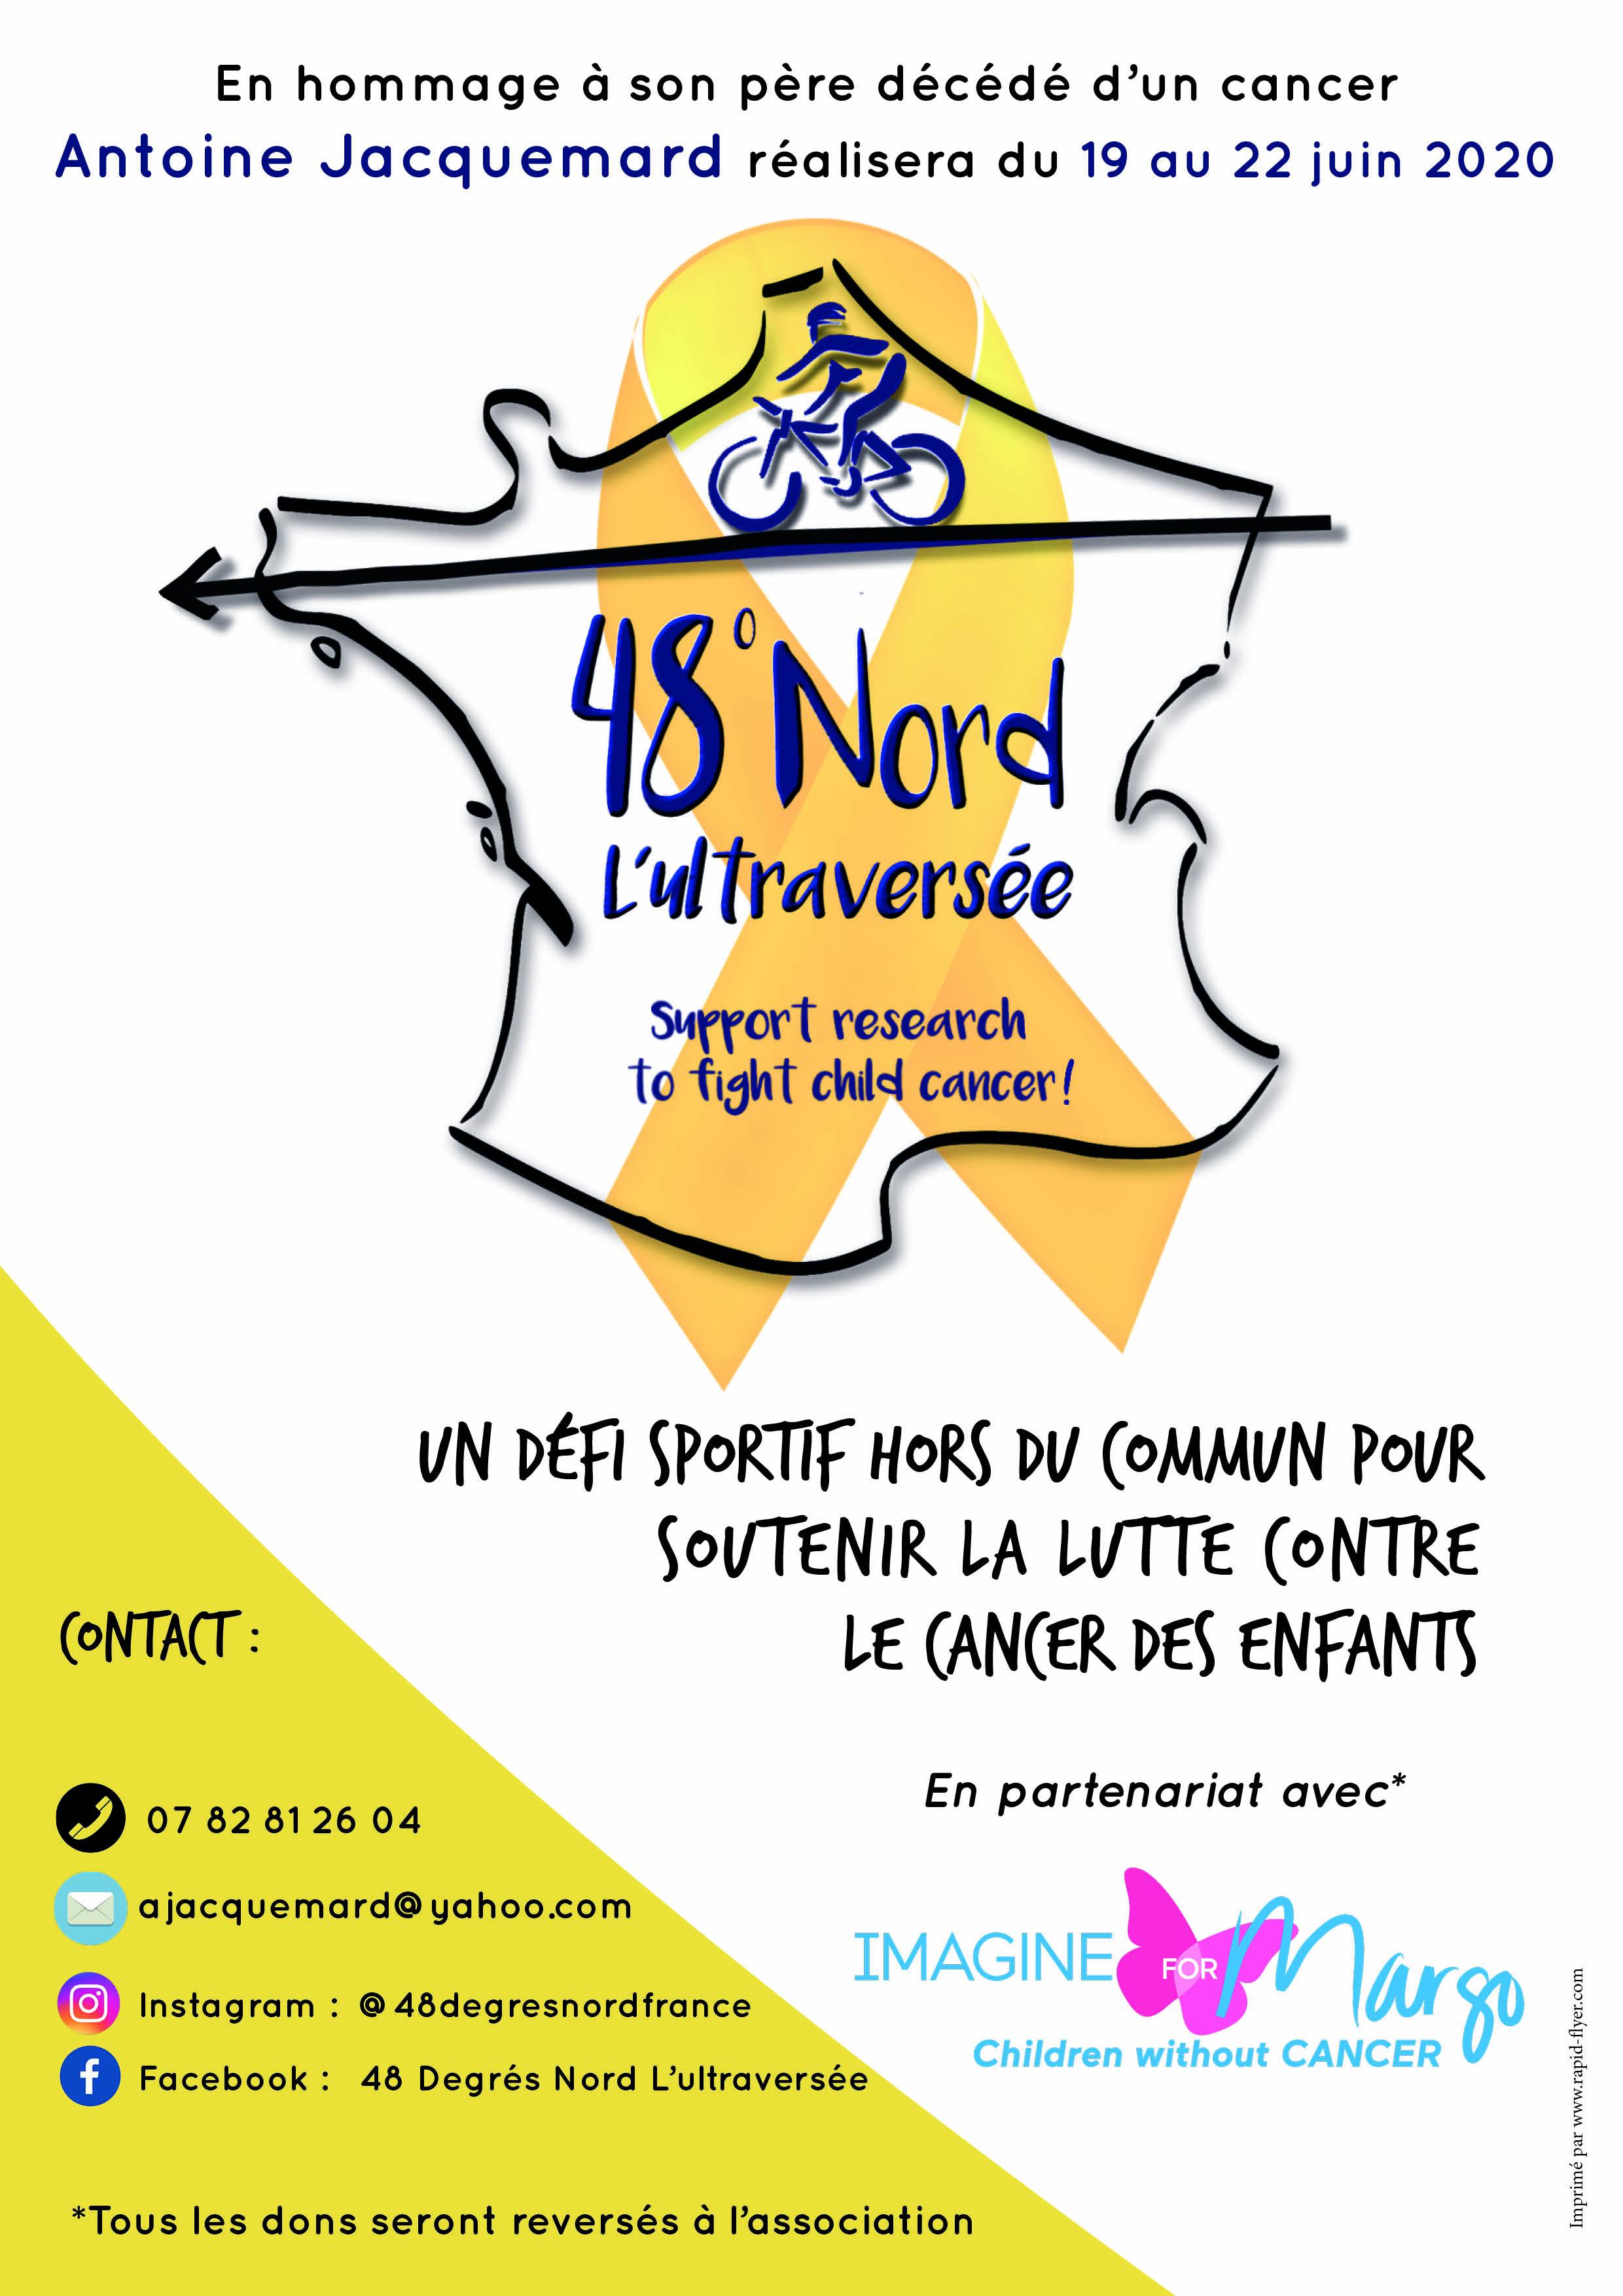 l'ultraversée en vélo : le défi d'Antoine pour soutenir Imagine for Margo dans la lutte contre le cancer des enfants